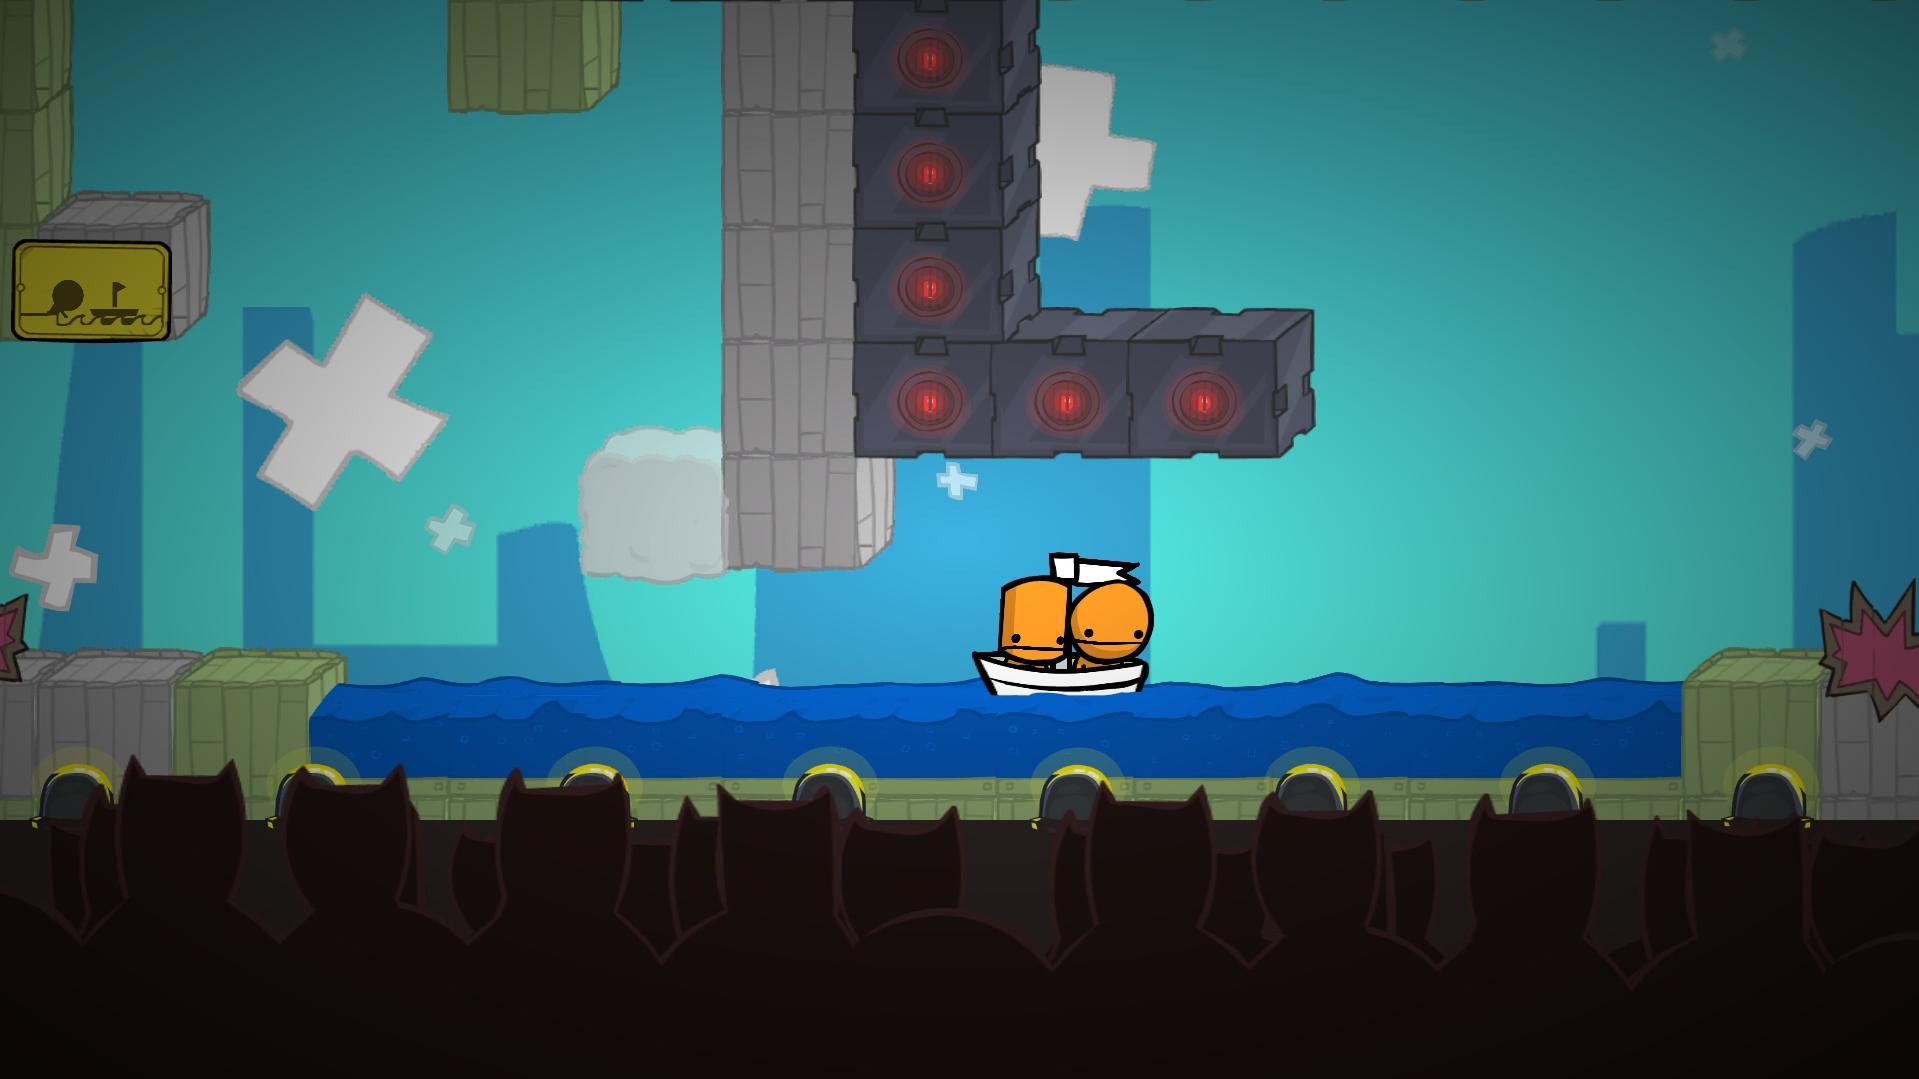 Screenshot of BattleBlock Theater